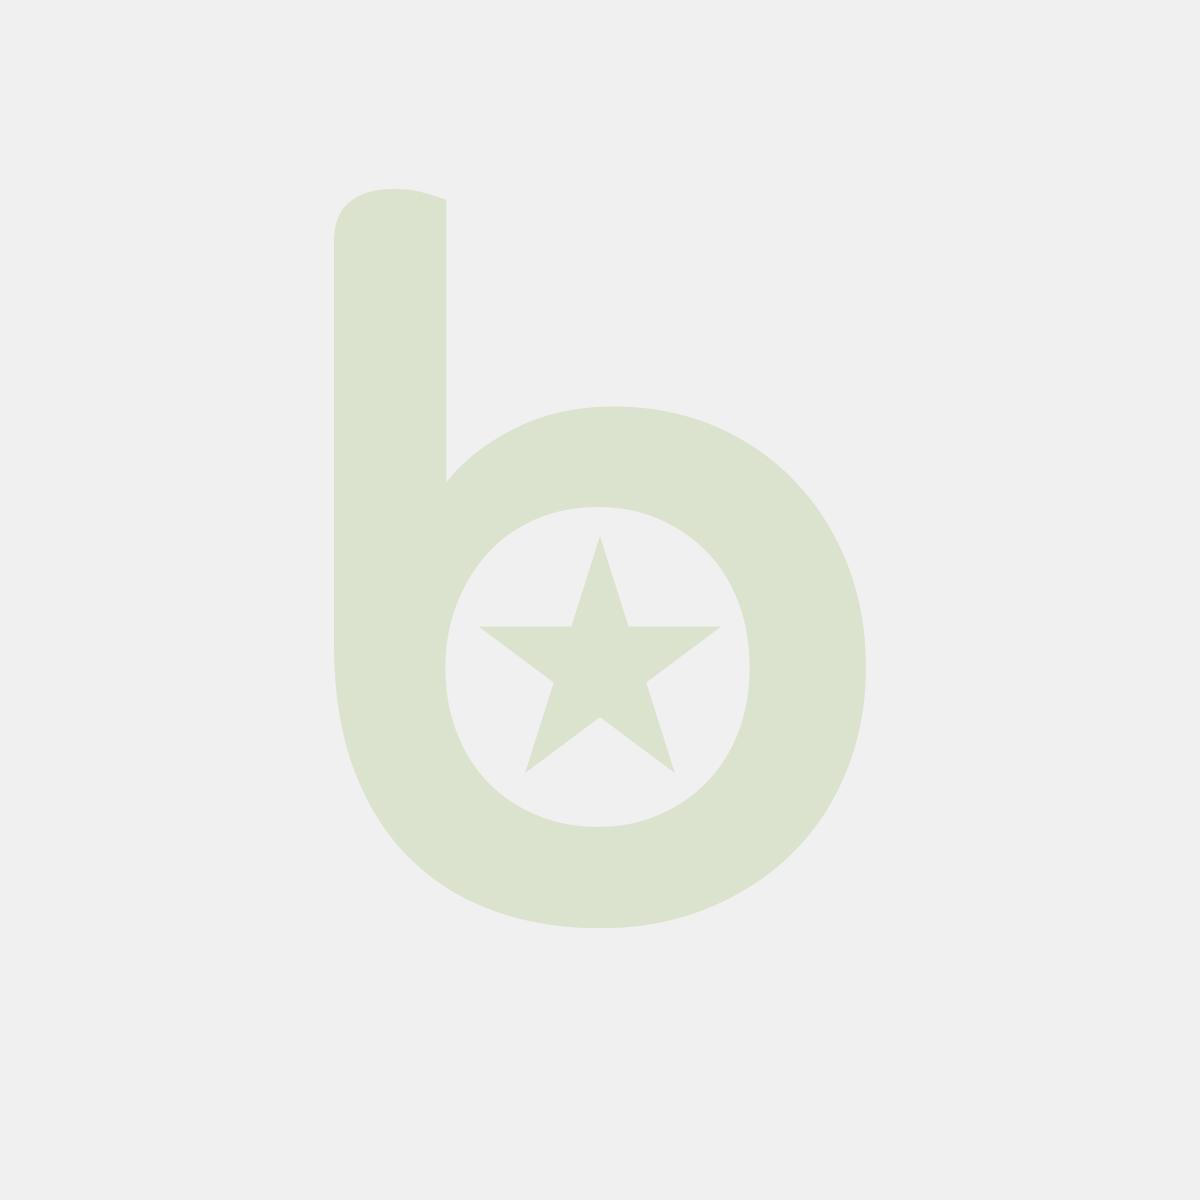 Pojemnik obiadowy do zgrzewu B9510C, 2-dzielny, biały, 227x178x40, cena za op. 40 sztuk